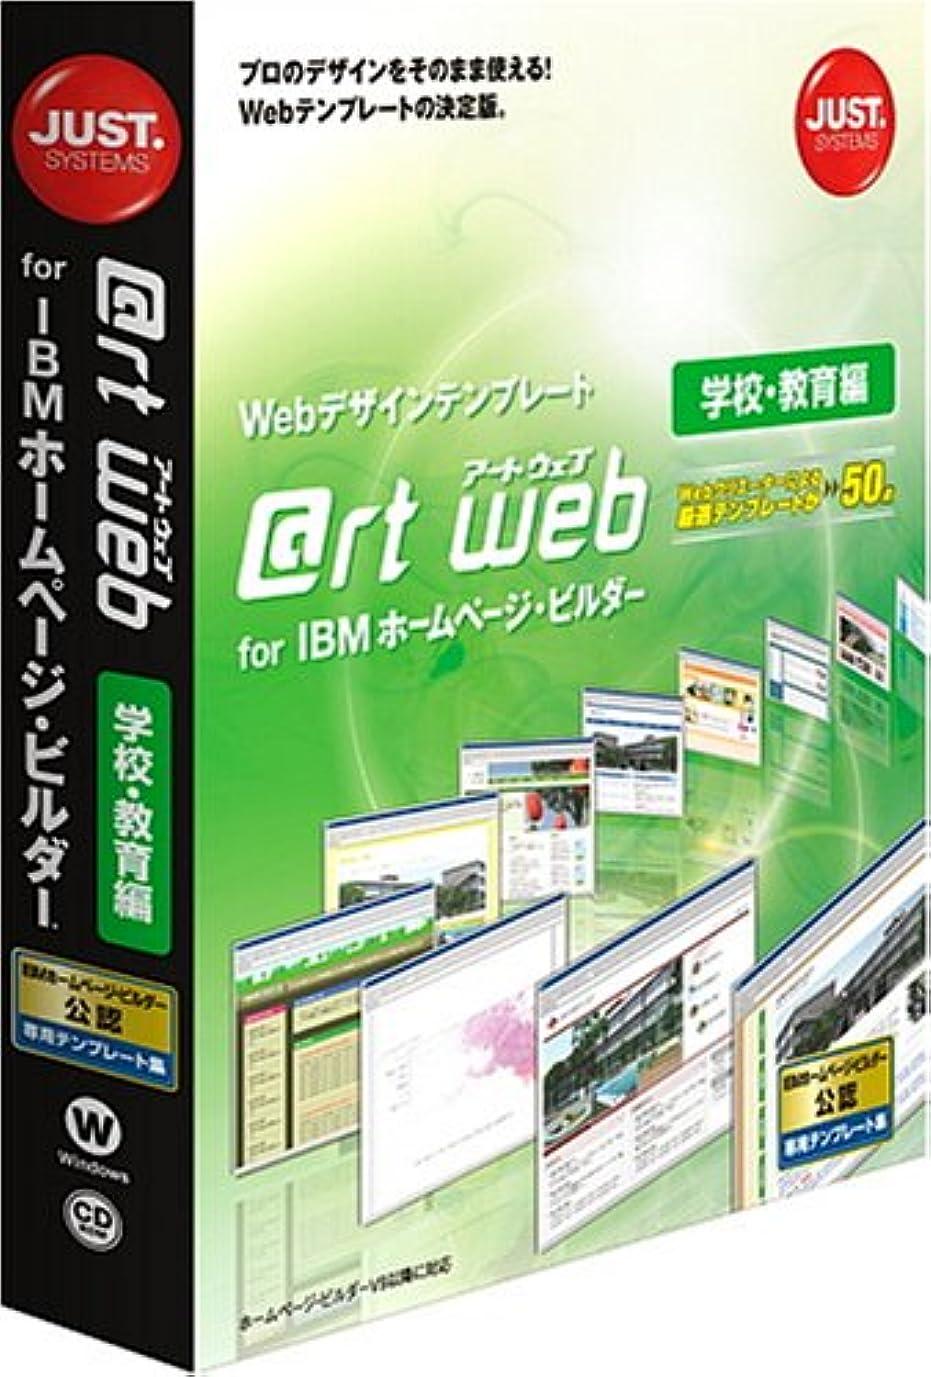 真実ポンドボール@rt web for IBM ホームページ?ビルダー [学校?教育編]